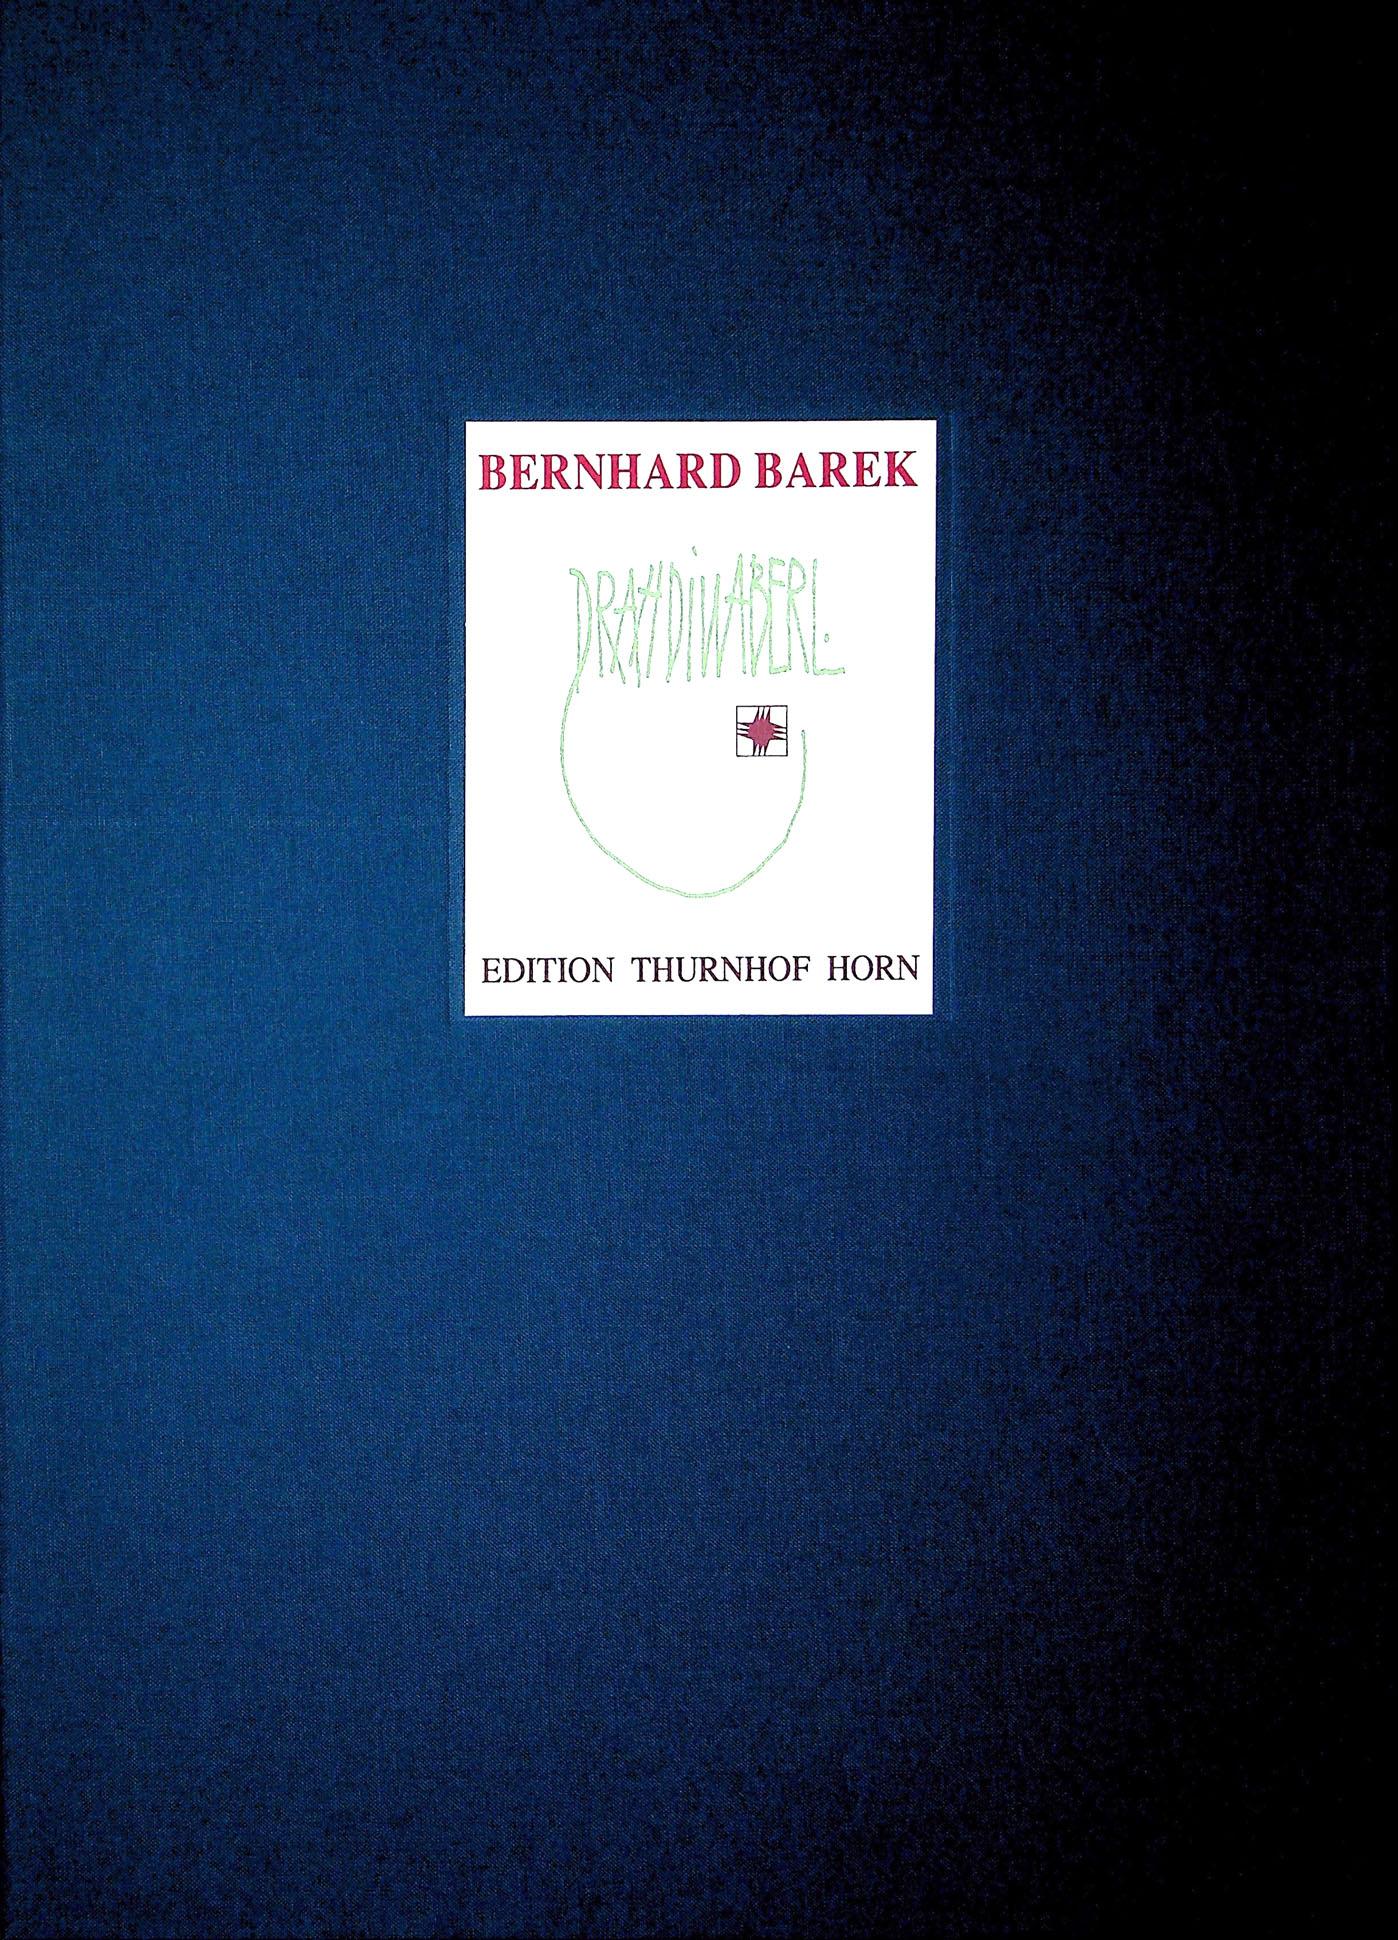 BAREK : DRAHDIWABERL, Graphikkassette